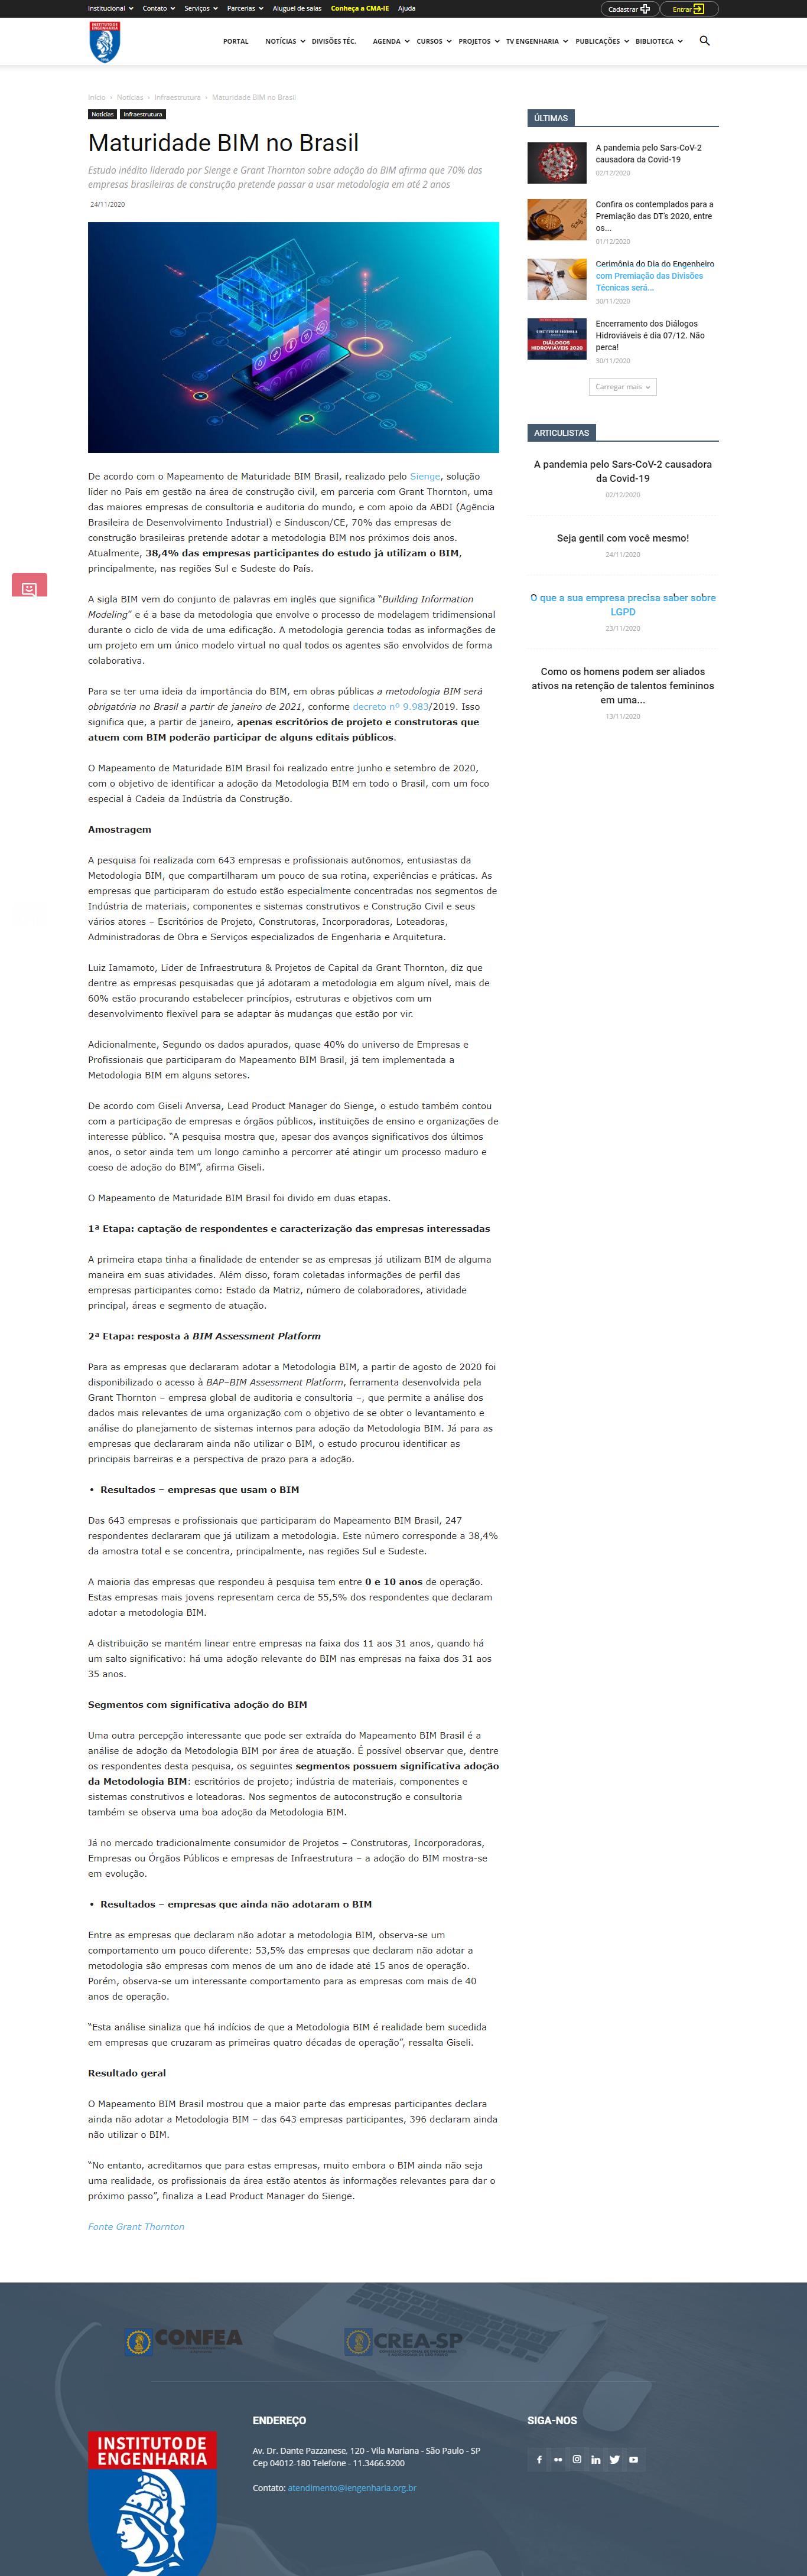 Maturidade BIM no Brasil - Instituto de Engenharia